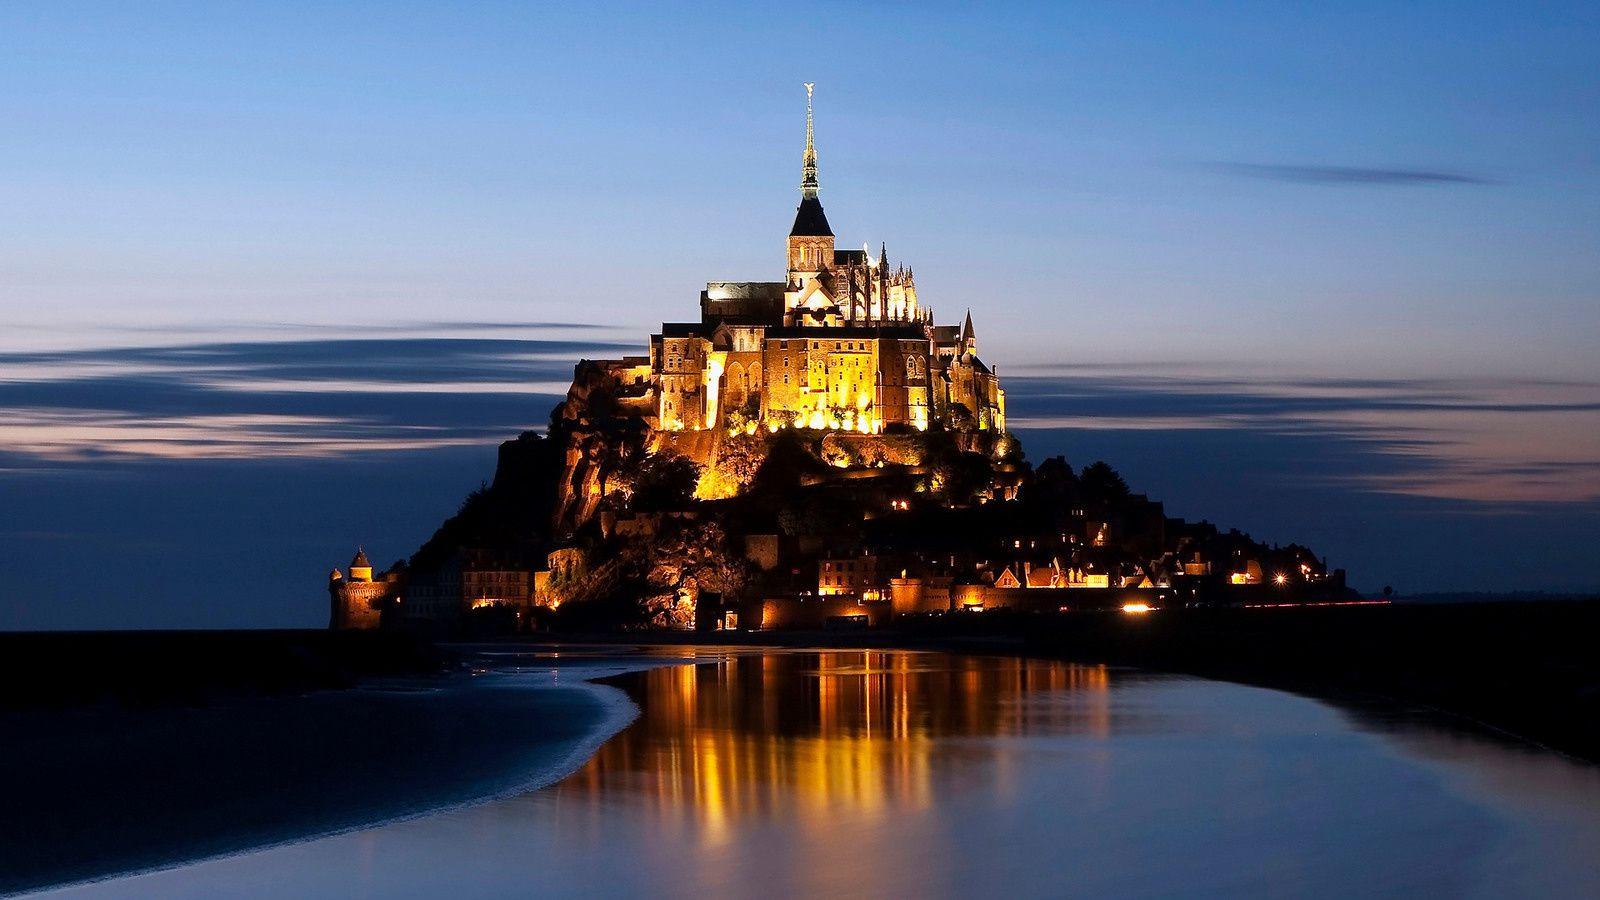 Mont Saint Michel - Source: www.maxisciences.com